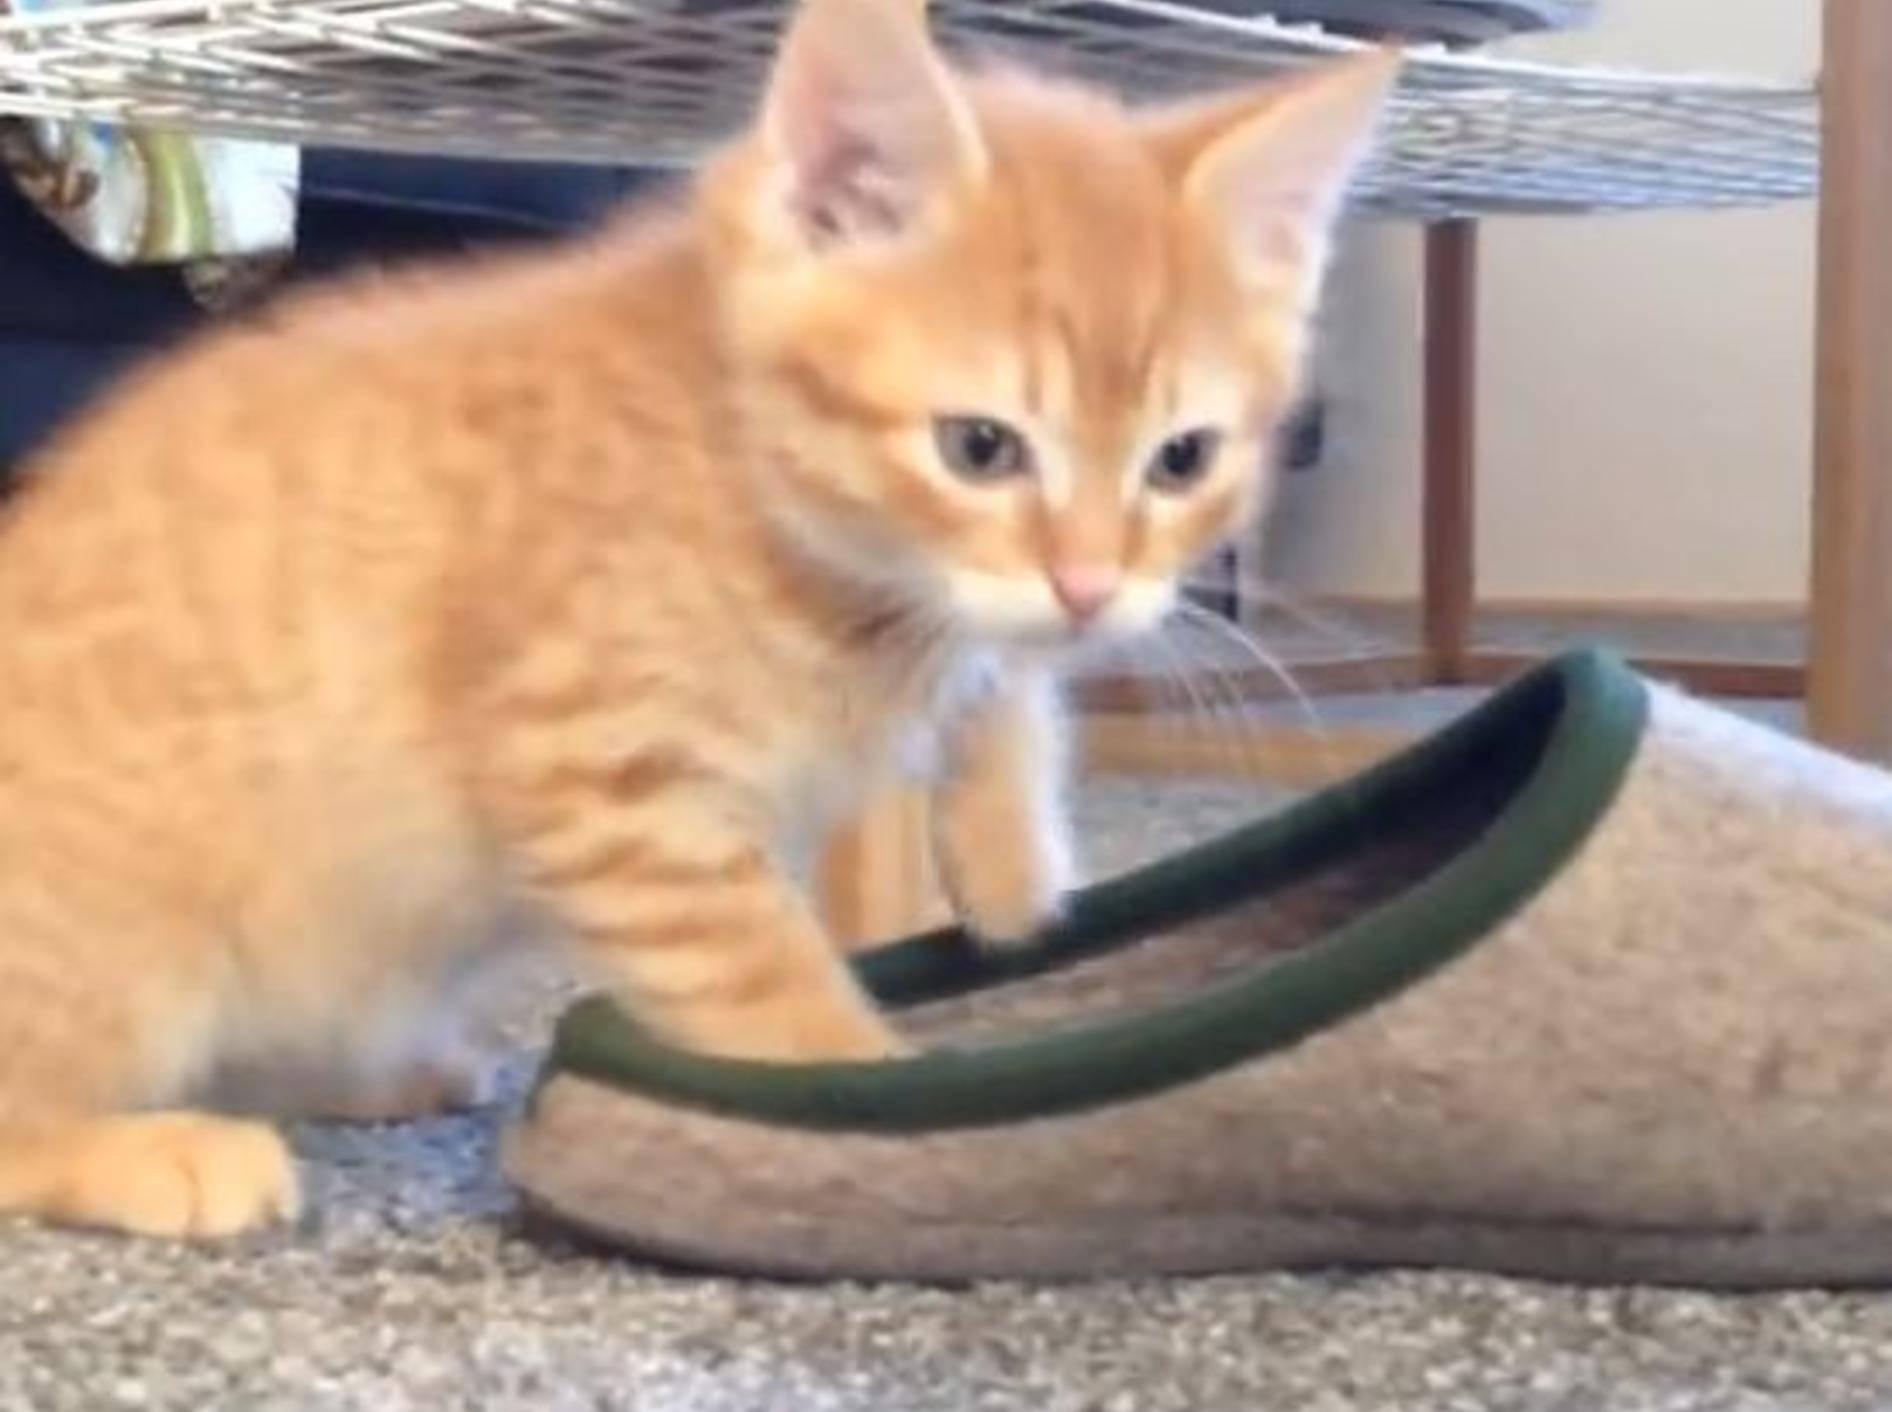 Katze mit neuem Spielzeug: Kampf mit einem Hausschuh – Bild: YouTube / Burli